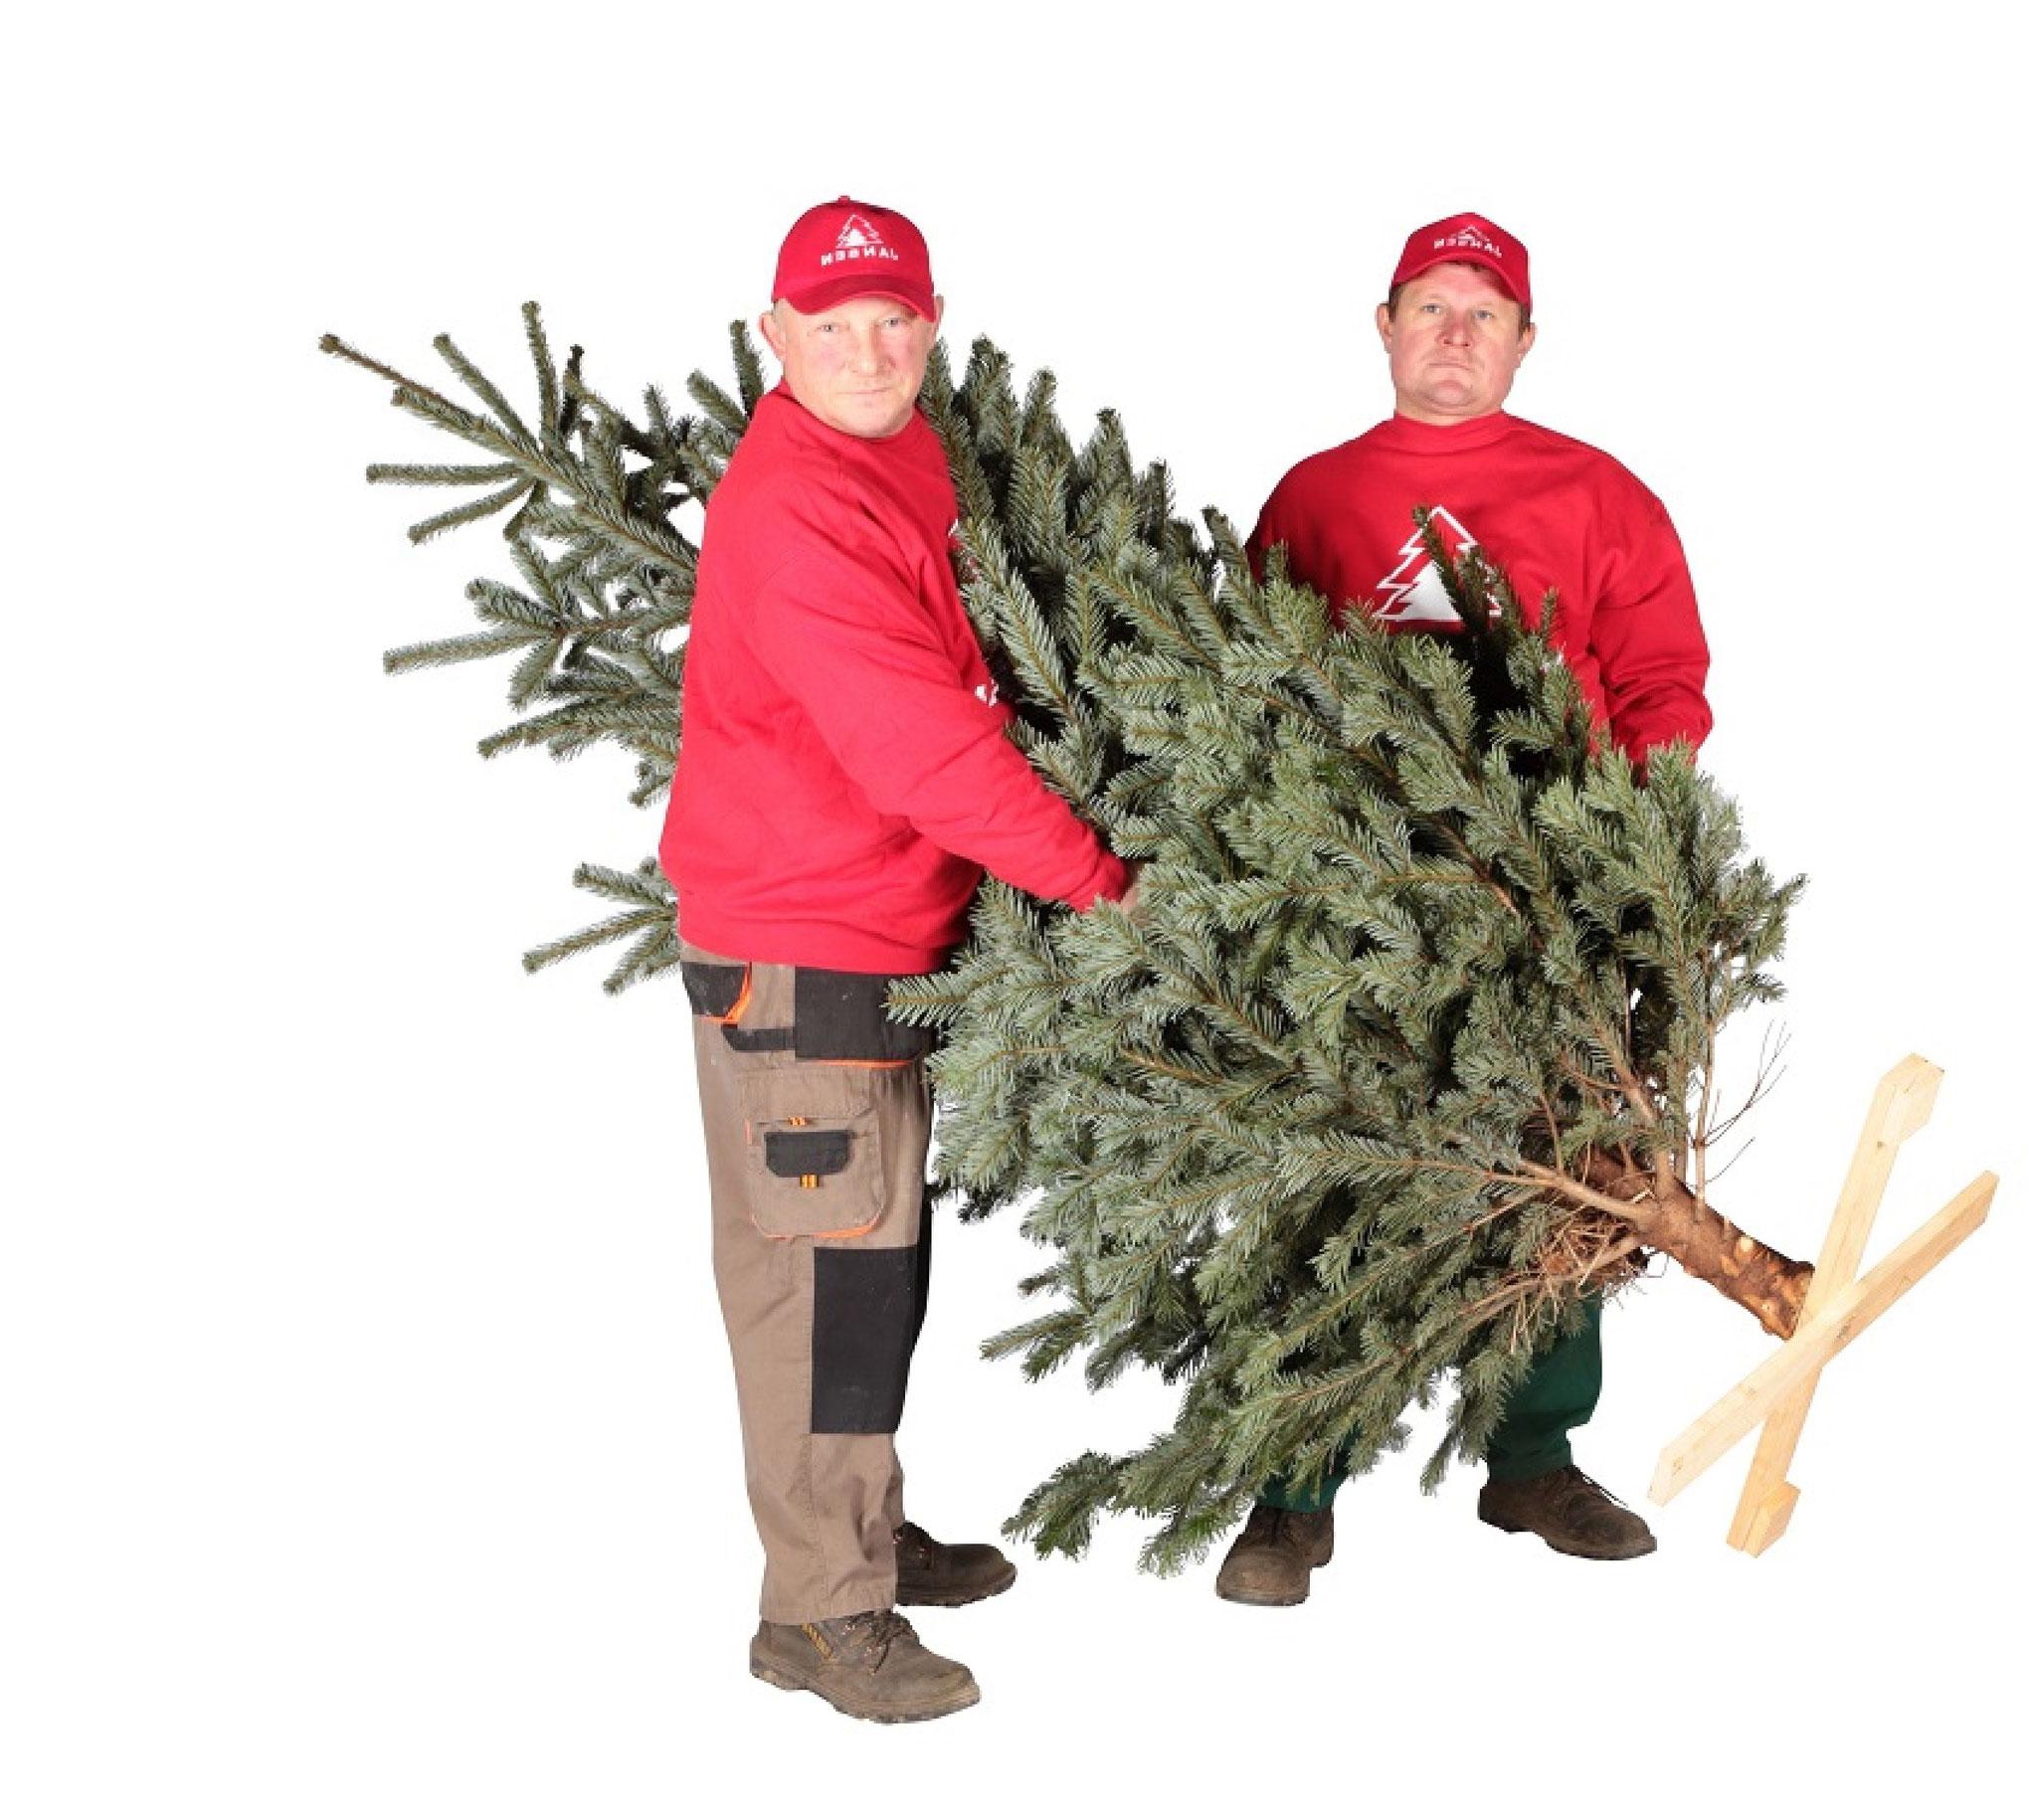 Tannenbaum hamburg lieferservice weihnachtsbaumschlagen weihnachtsbaum kaufen weihnachtsbaum - Weihnachtsbaumverkauf hamburg ...